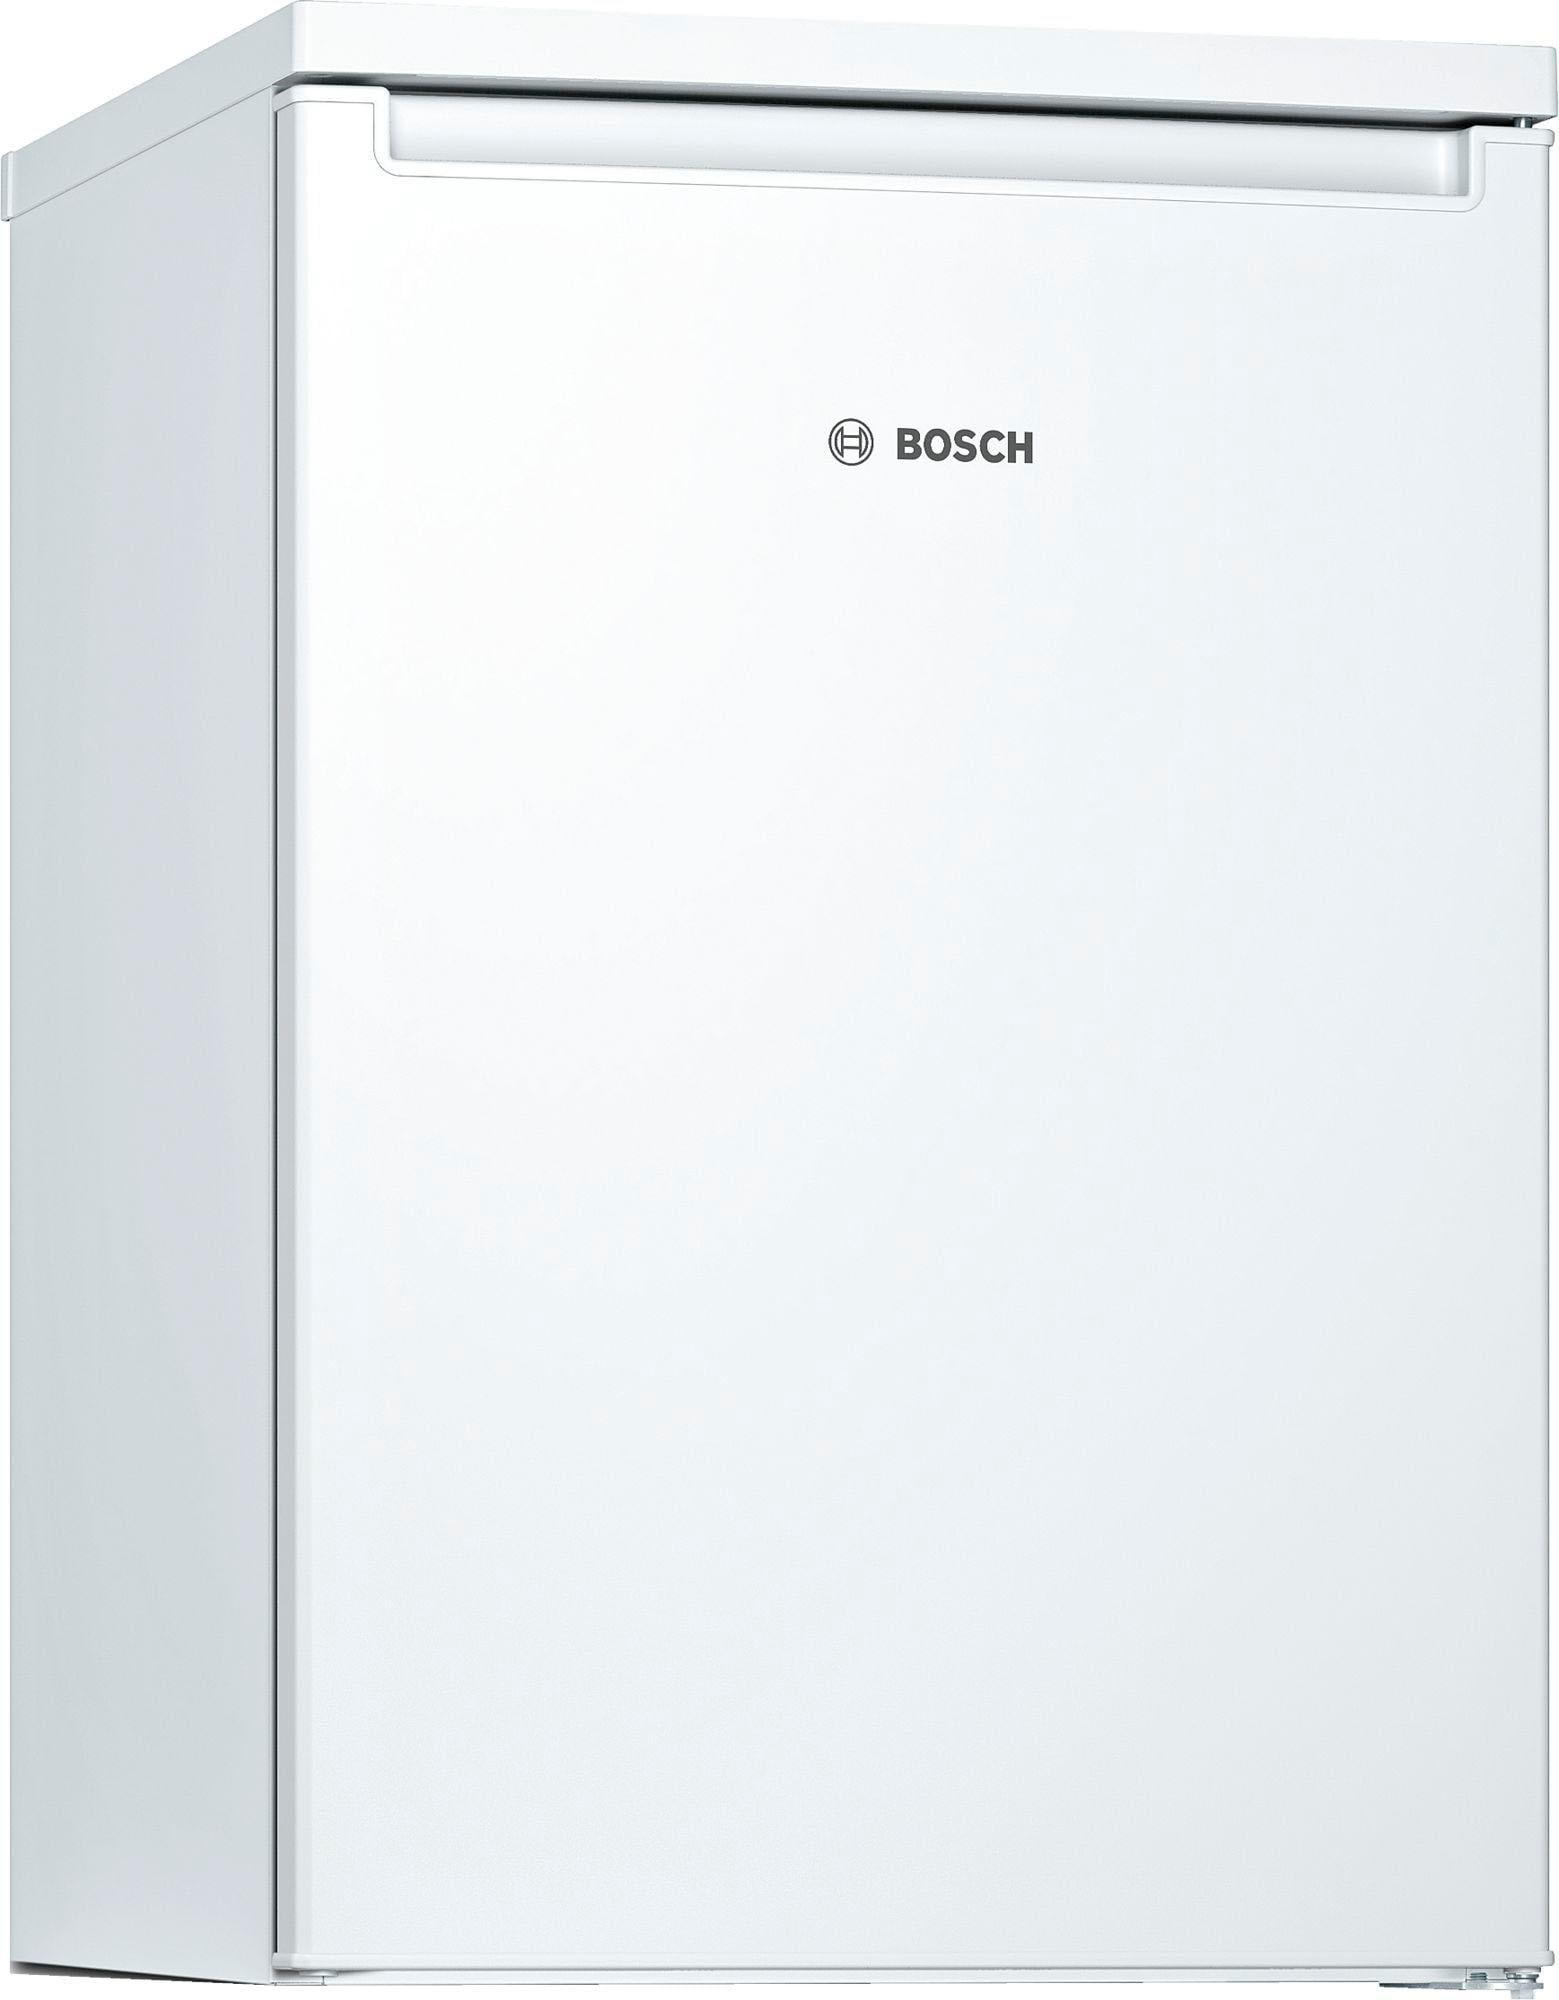 BOSCH Kühlschrank, 85 cm hoch, 56 cm breit | Küche und Esszimmer > Küchenelektrogeräte > Kühlschränke | Weiß | BOSCH